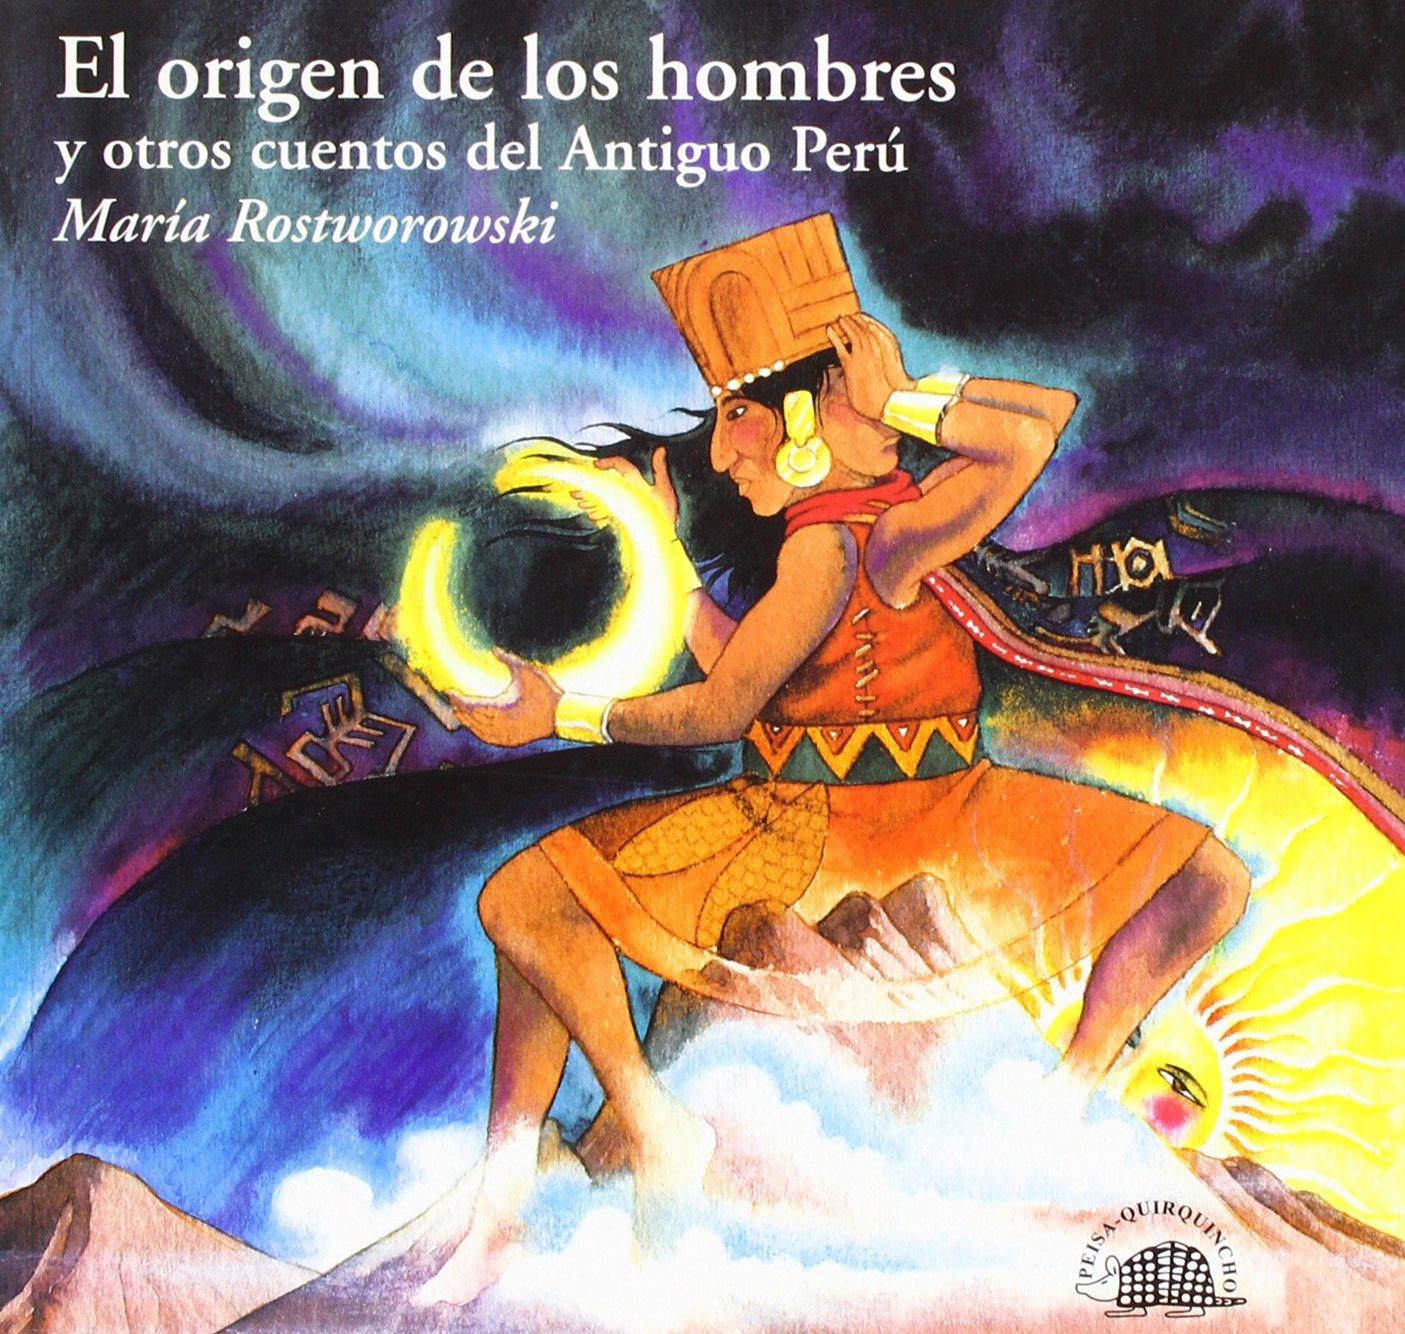 El Origen de Los Hombres y Otros Cuentos del Antiguo Peru: Amazon.es: Maria Rostworowski: Libros